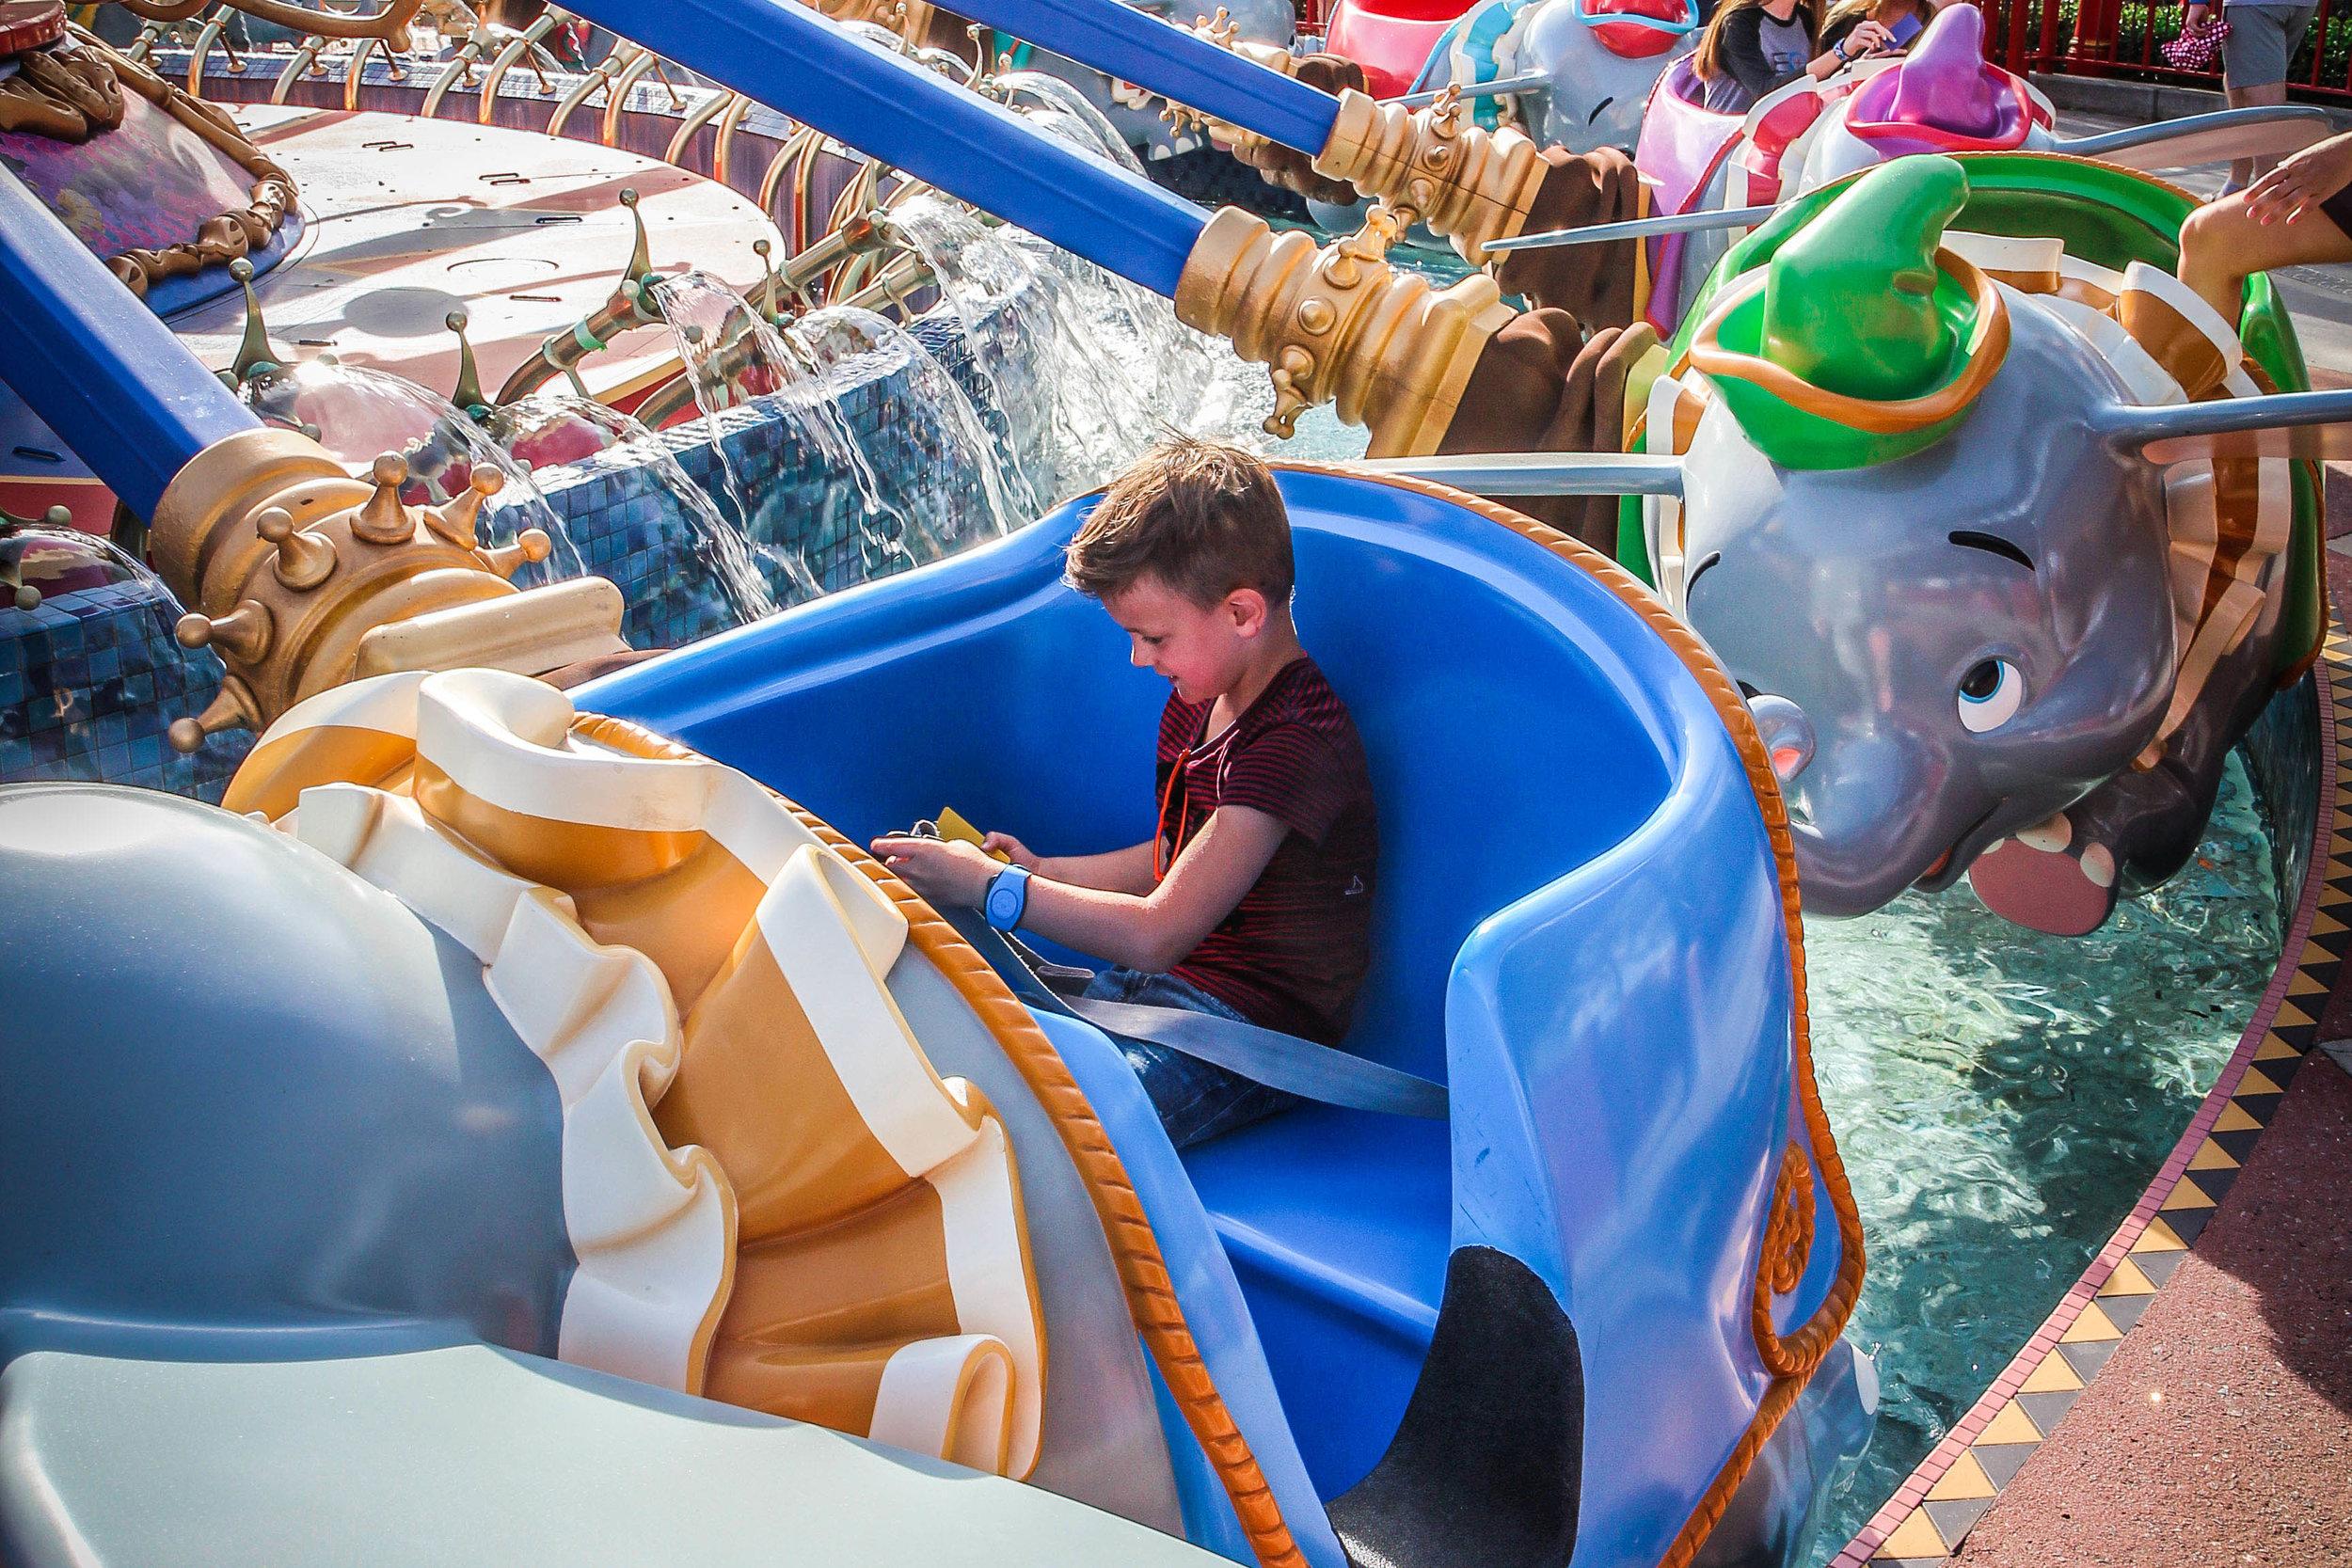 Disney_magical_kingdom_orlando_reizen_met_kinderen-44.jpg